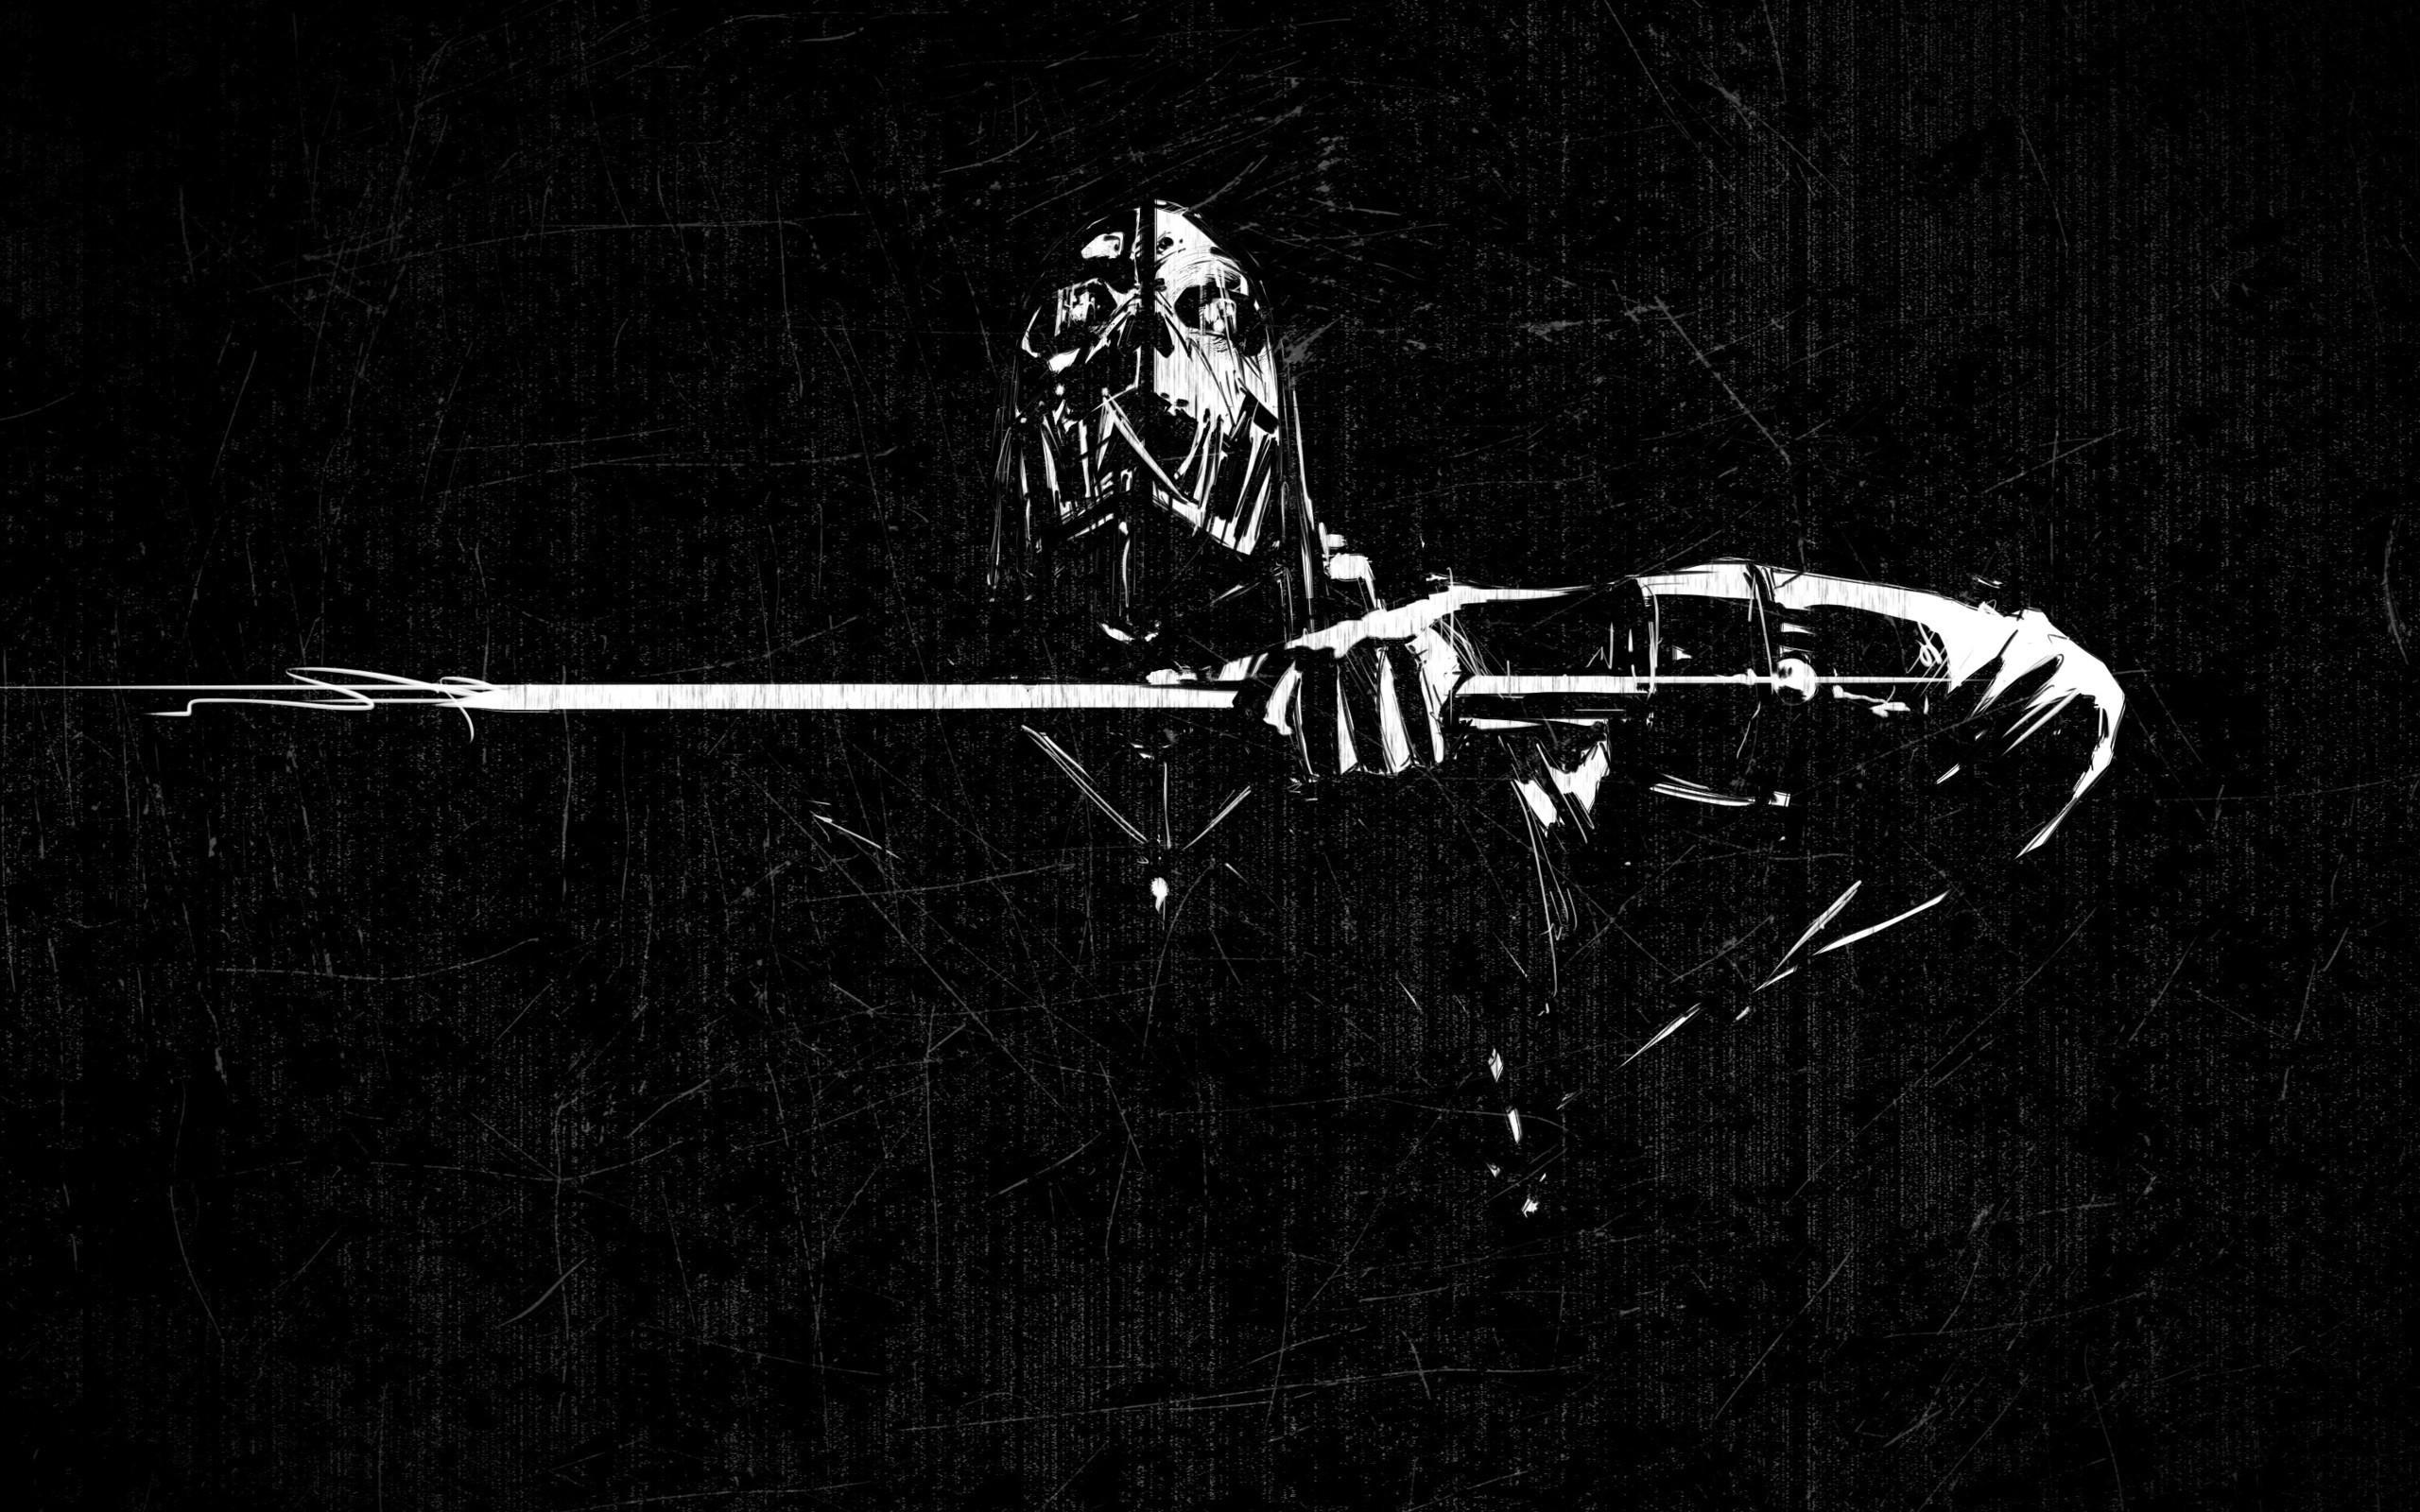 2560 x 1600 - 1051k - jpg 3671 Dishonored ...